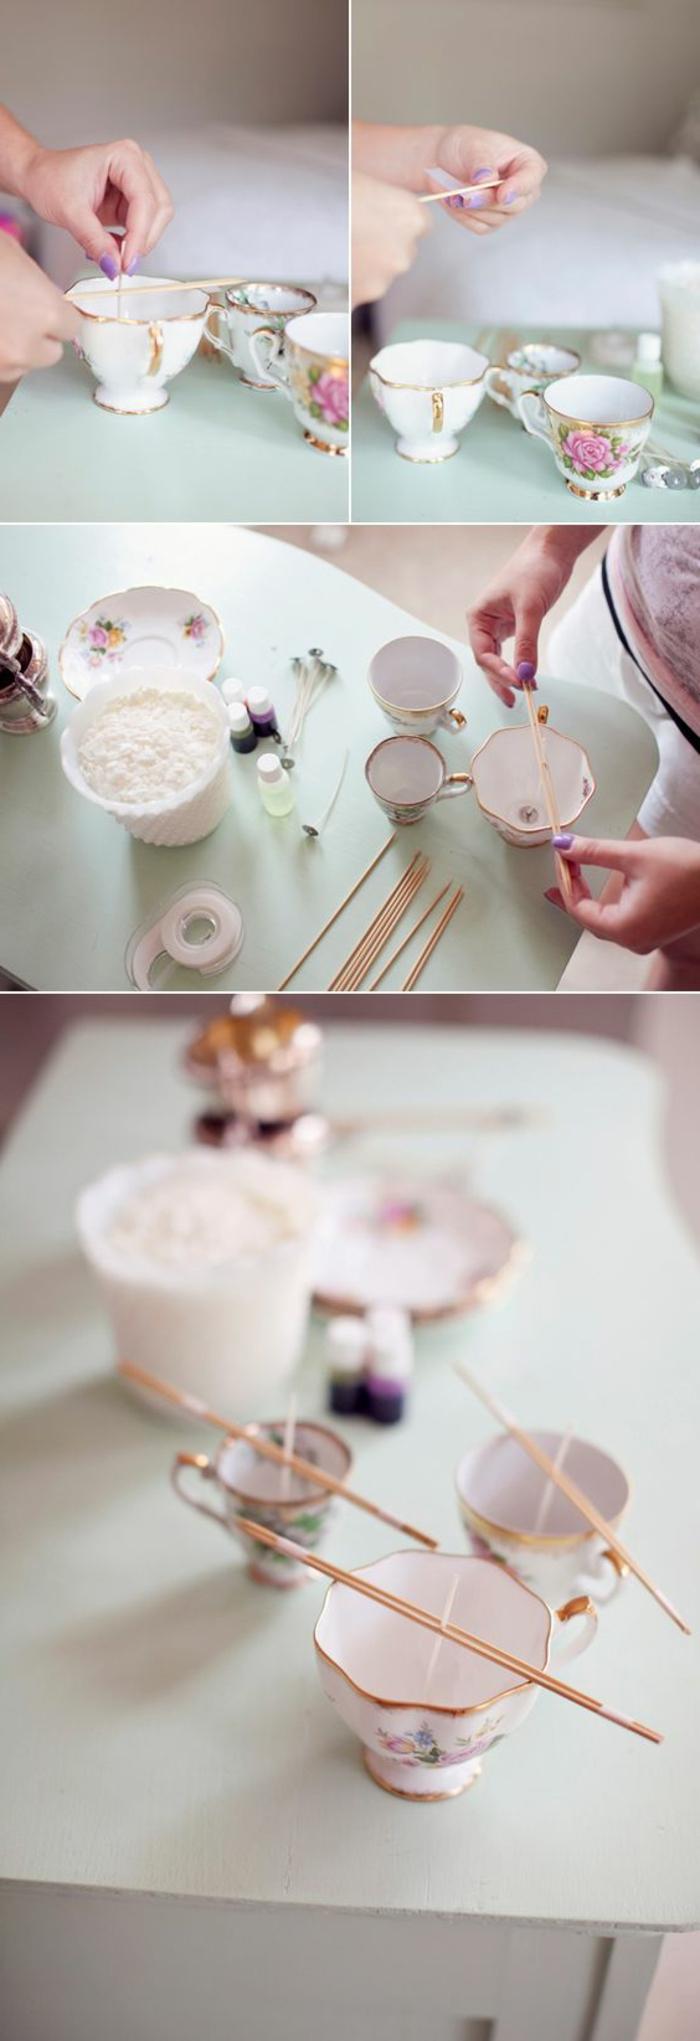 bonitas ideas sobre como hacer velas en casa con tazas de café de porcelana, manualidades fáciles y rápidas